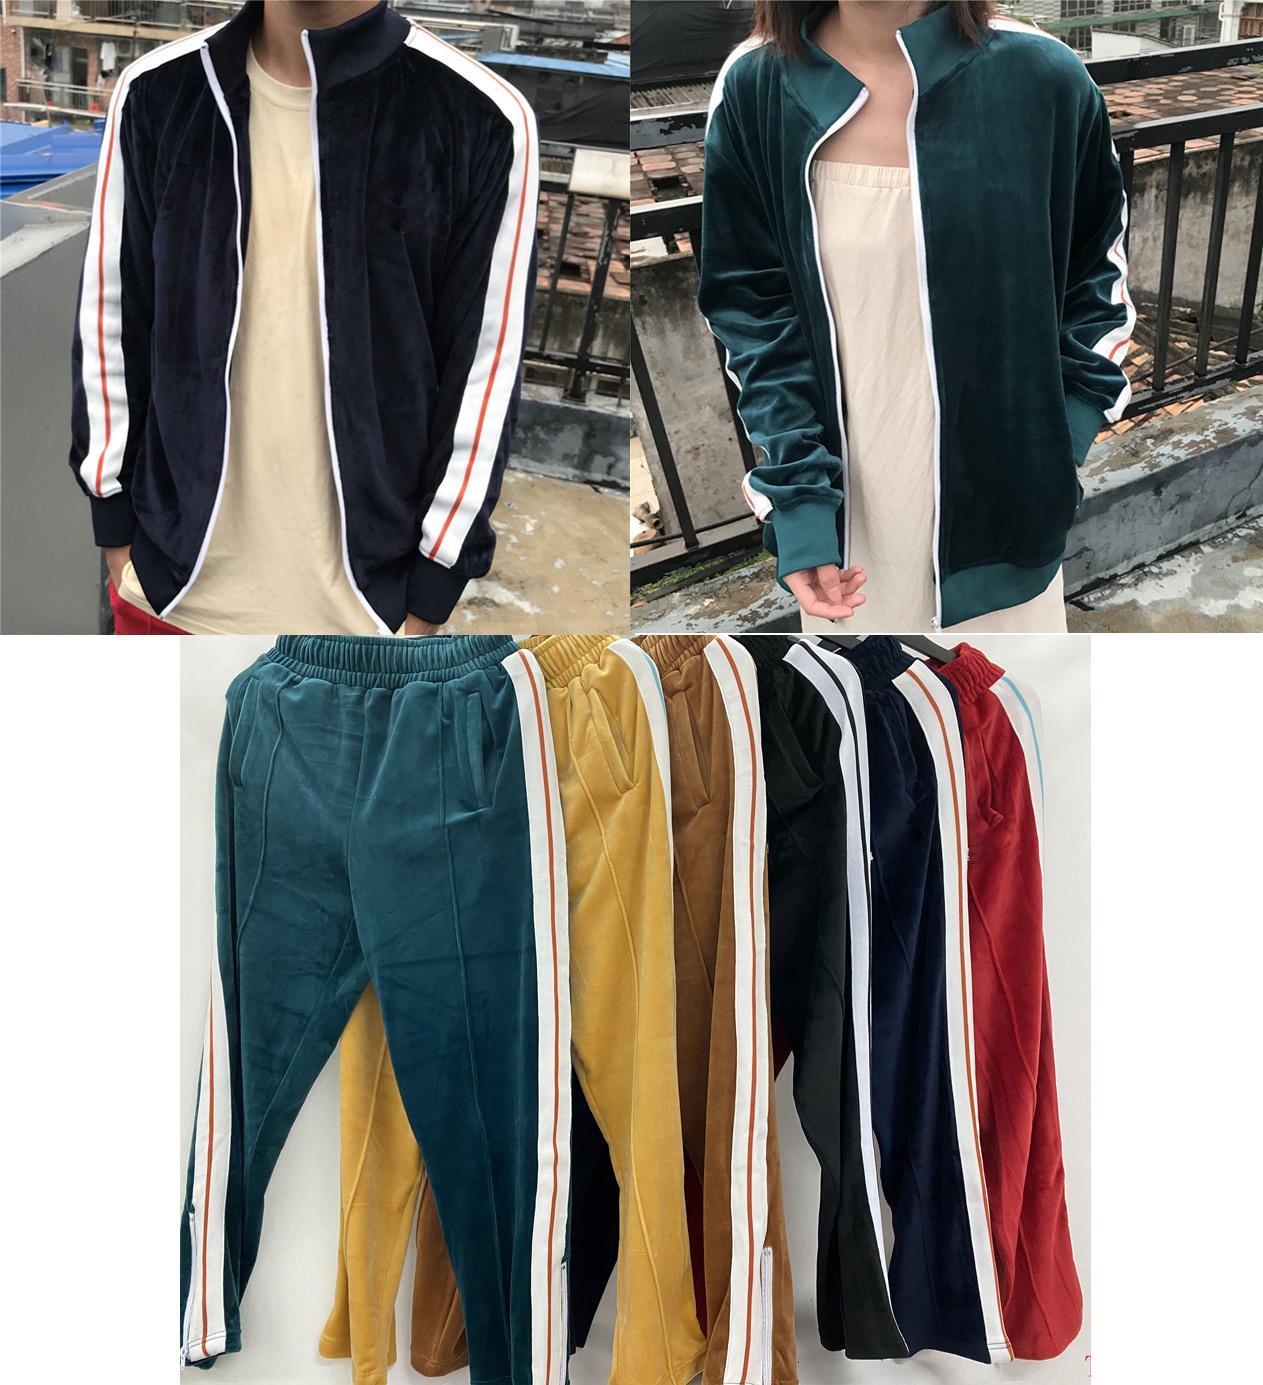 Мужские дизайнеры Одежда 2020 бархатный мужской трексуит Мужская куртка толстовка или брюки мужская одежда спортивные толстовки с толстовками со стоками S-S-XL PA2578